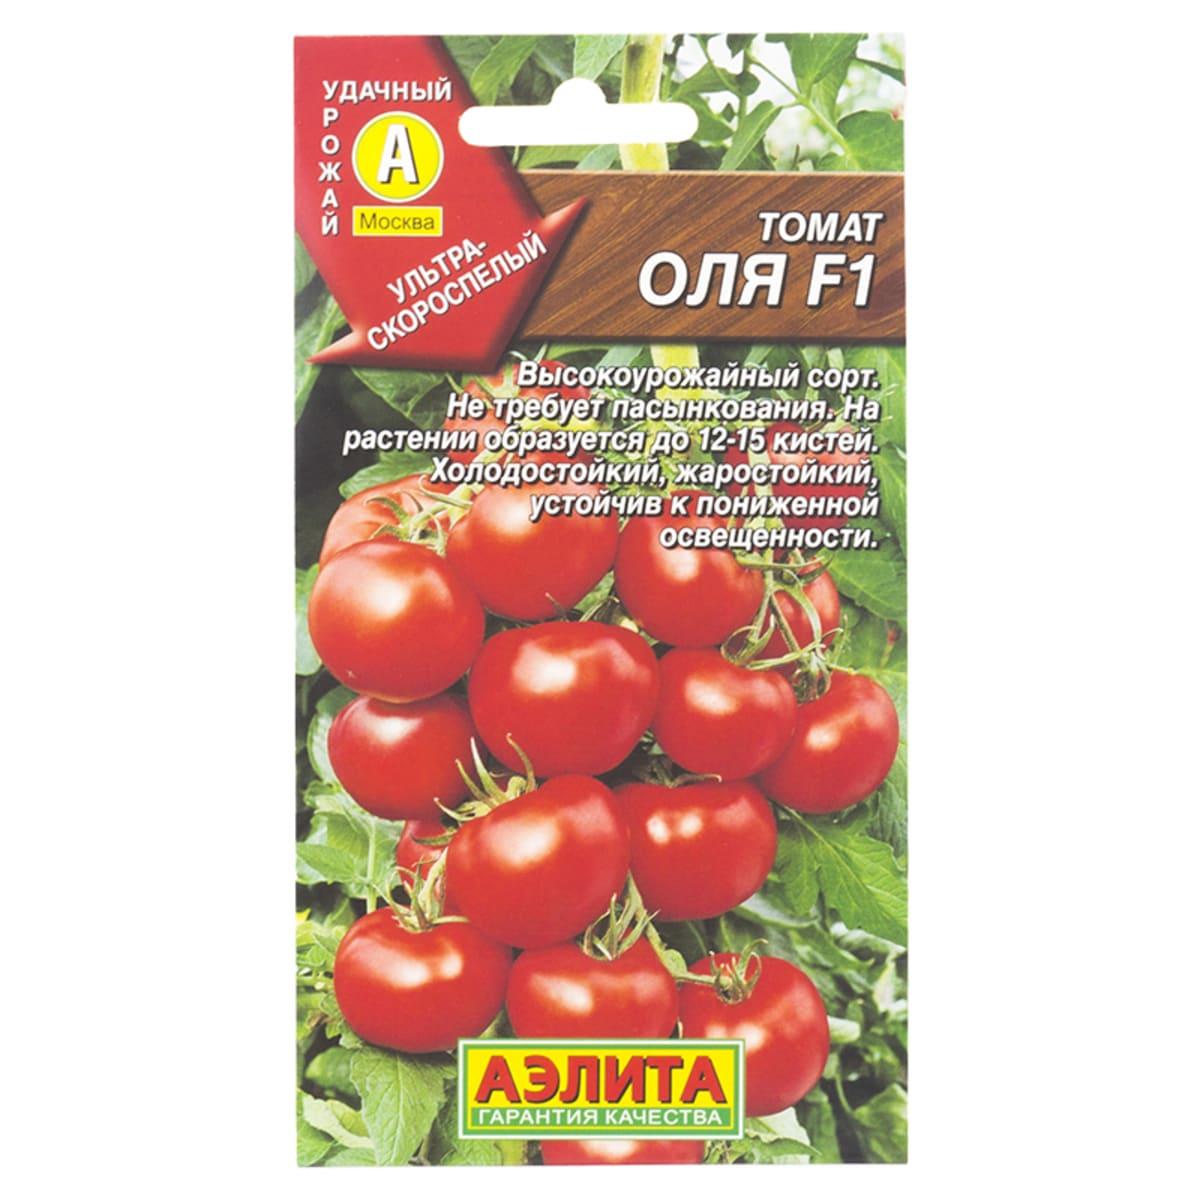 томат оля отзывы и фото оконных заводов-производителей